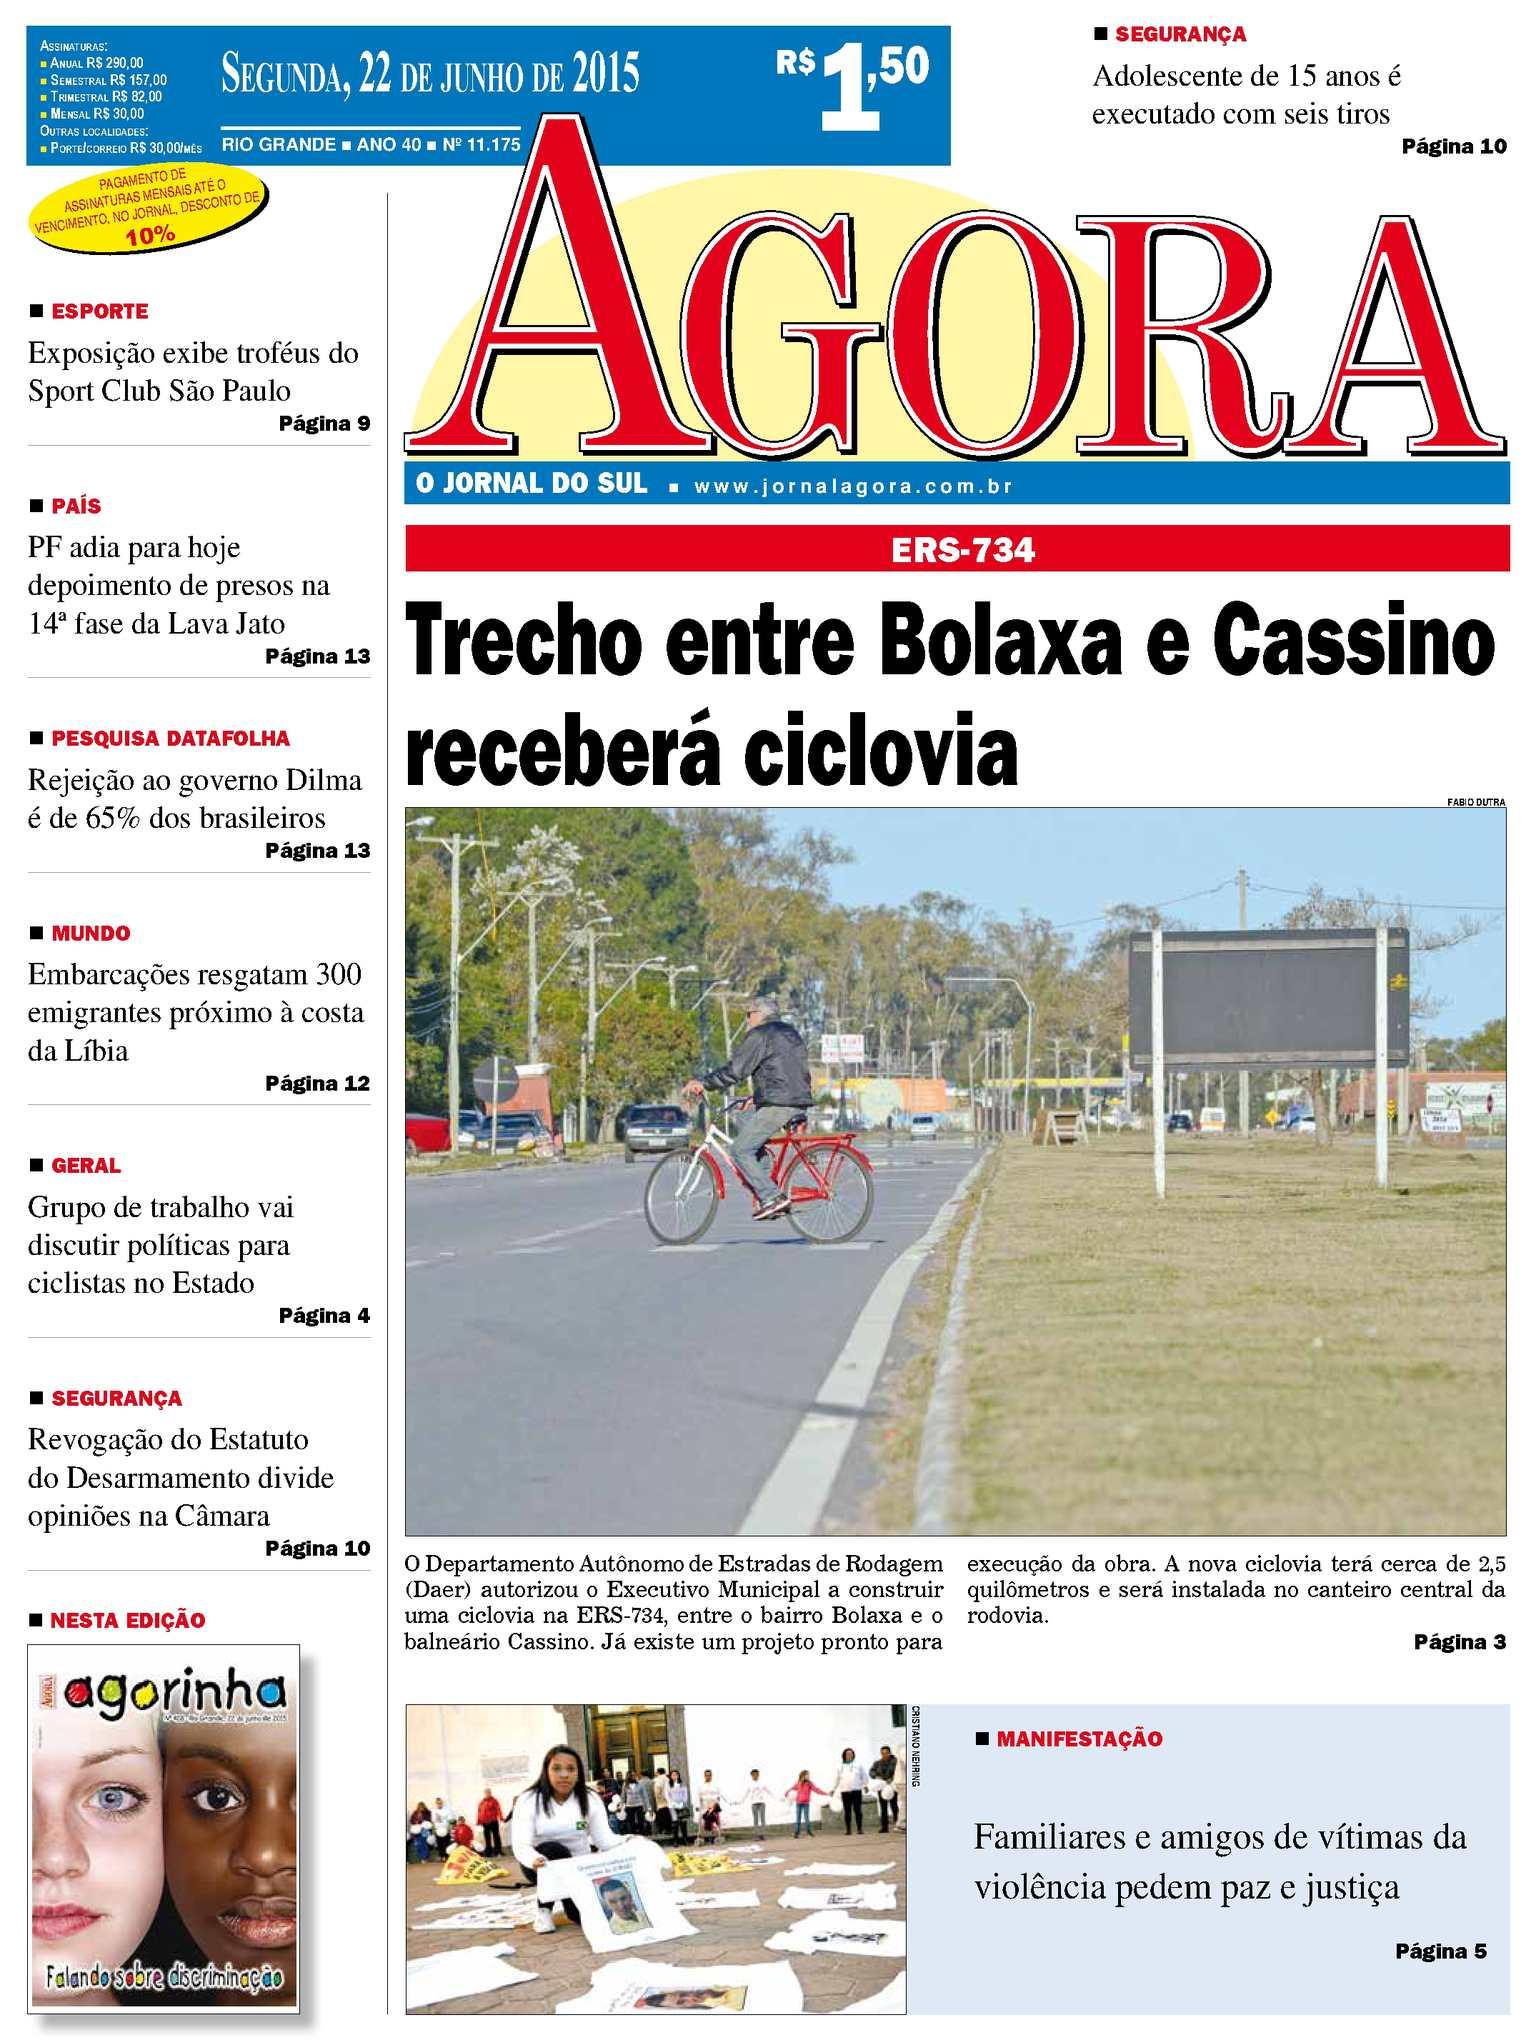 Calaméo - Jornal Agora - Edição 11175 - 22 de Junho de 2015 bac51335177de